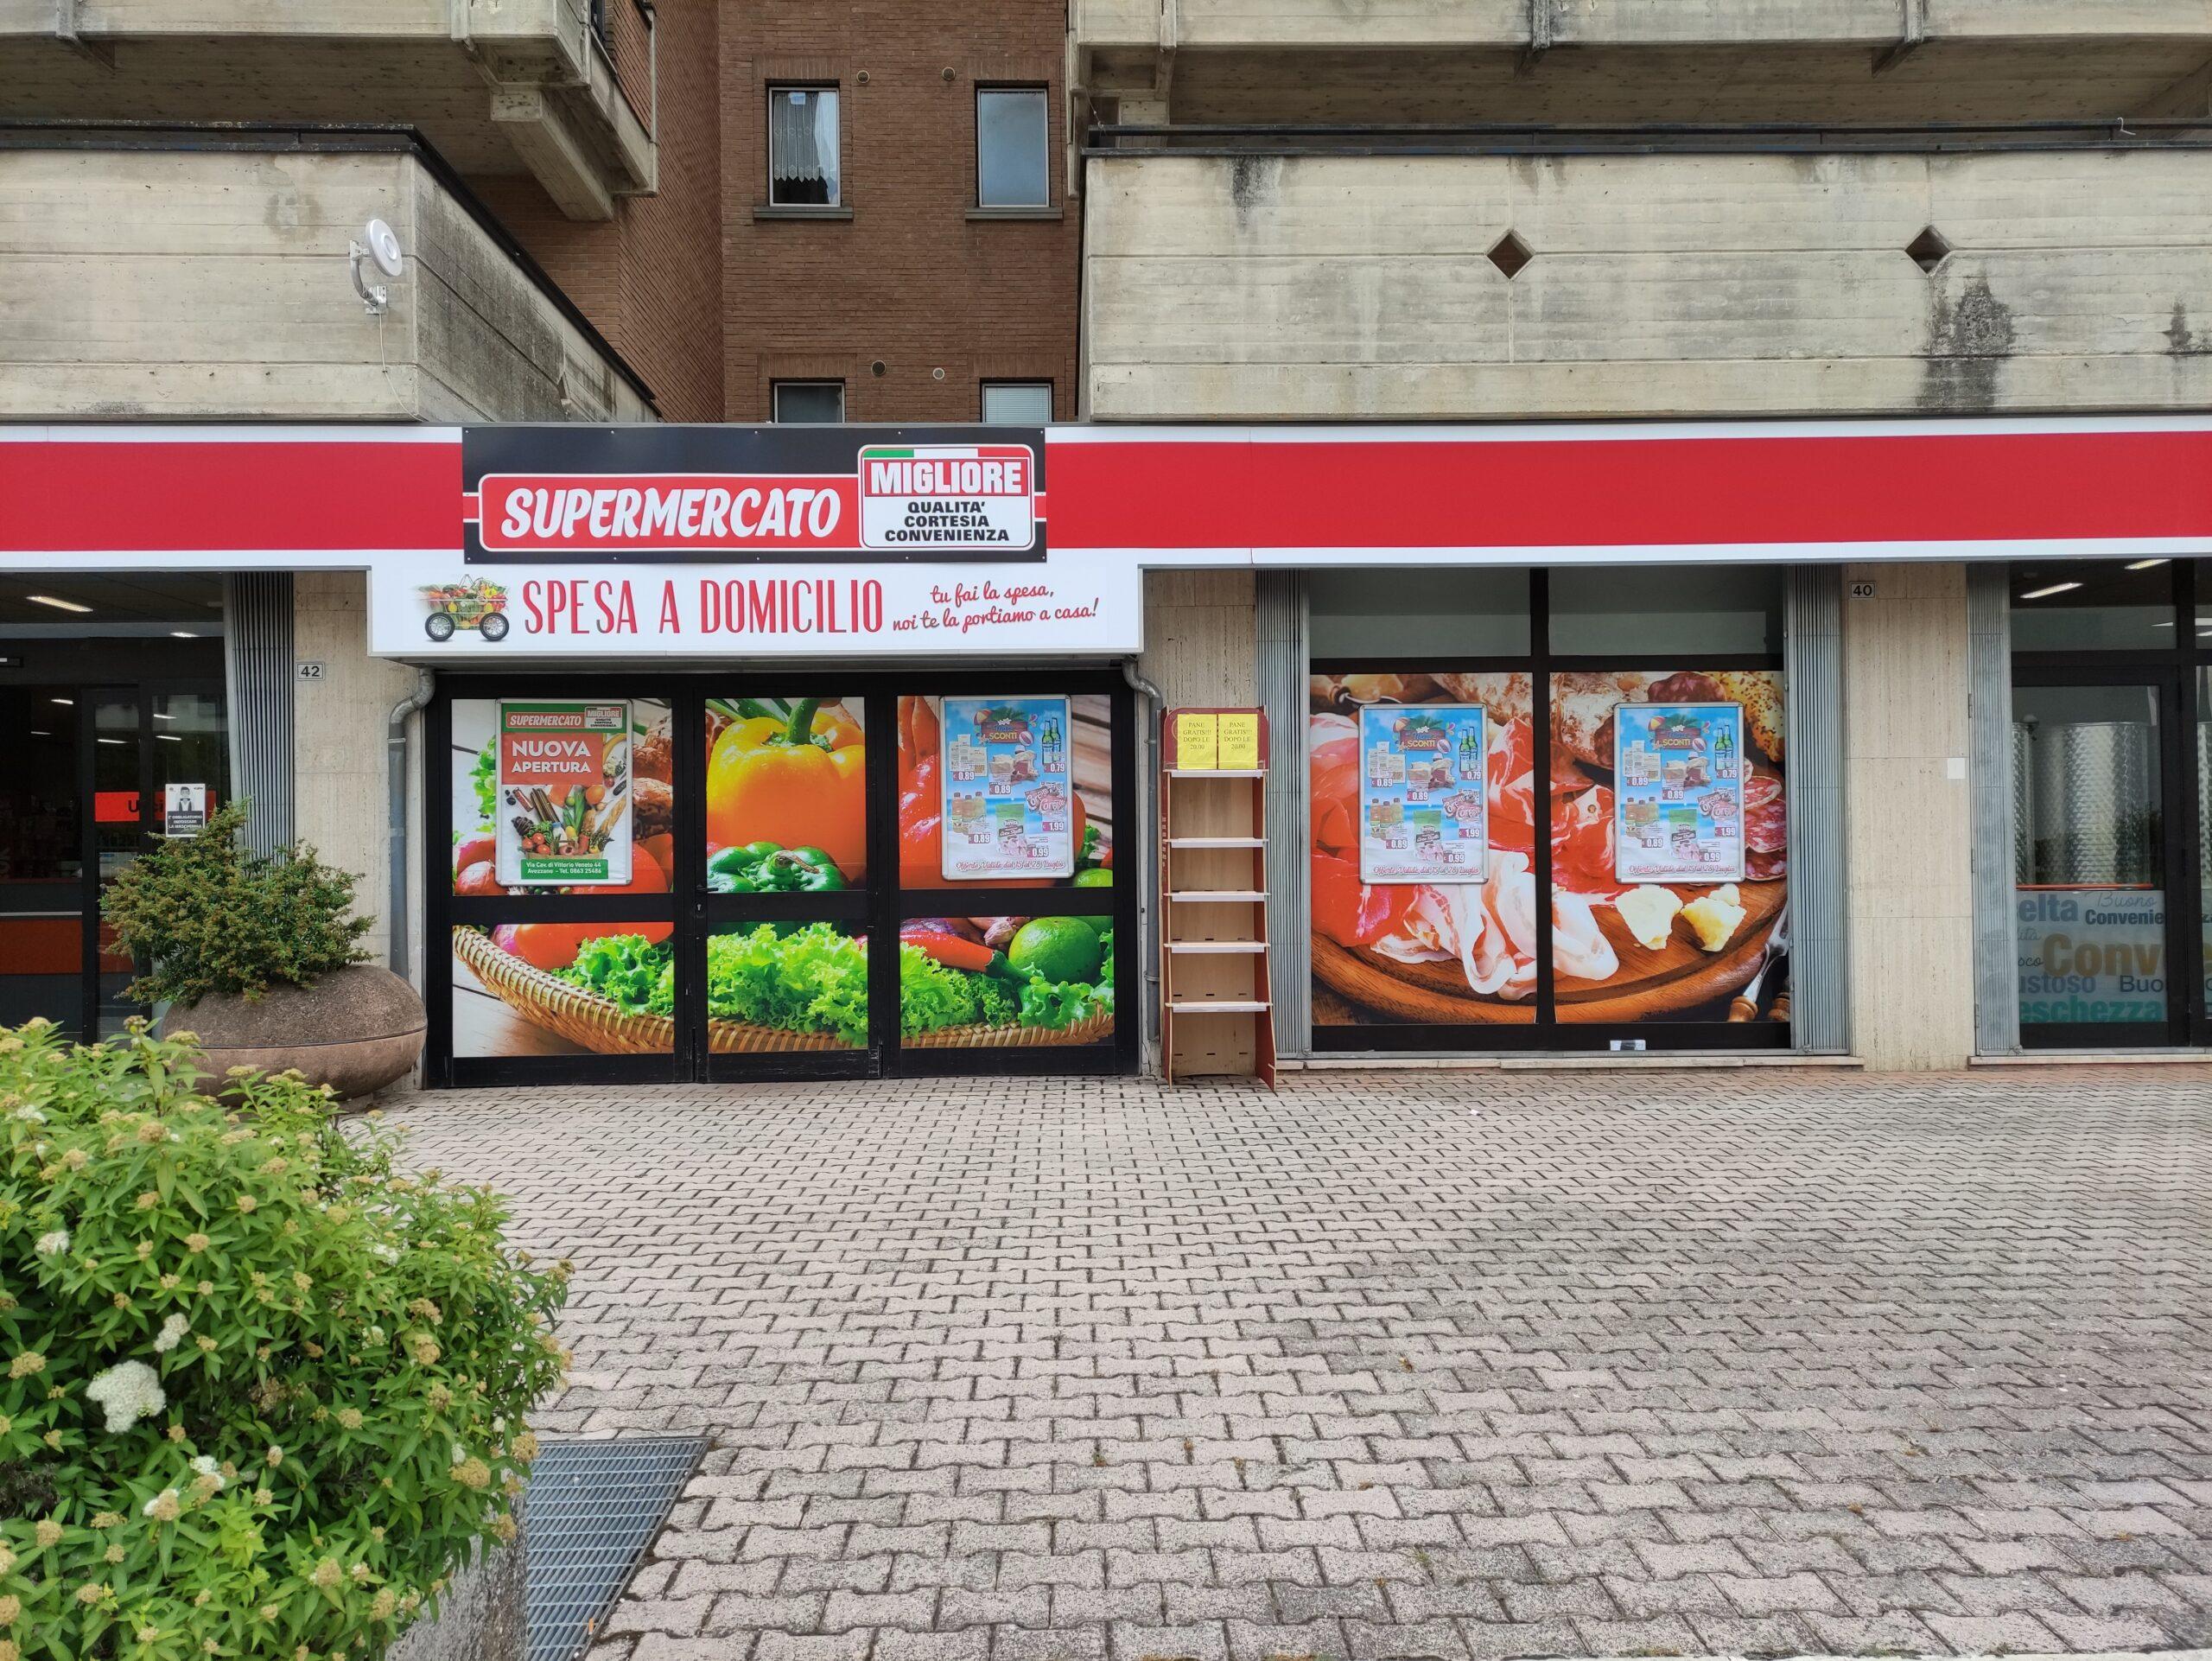 Pane gratis dopo le 20:00 per chi ne ha bisogno: l'iniziativa del supermercato Migliore